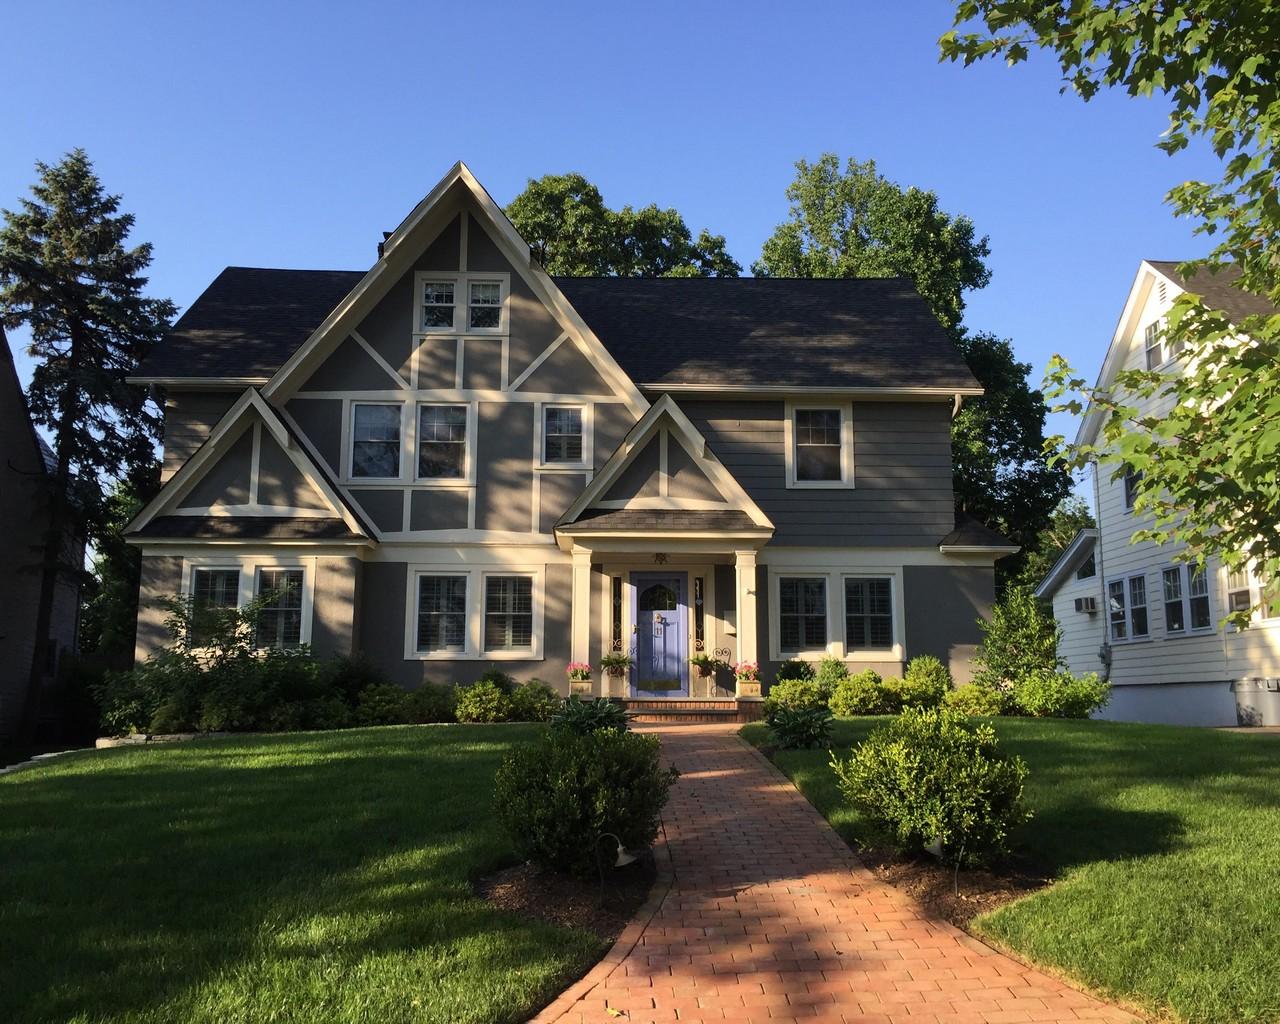 独户住宅 为 销售 在 Stylish and Chic 11 Ferncliff Terrace 格伦岭, 新泽西州 07028 美国